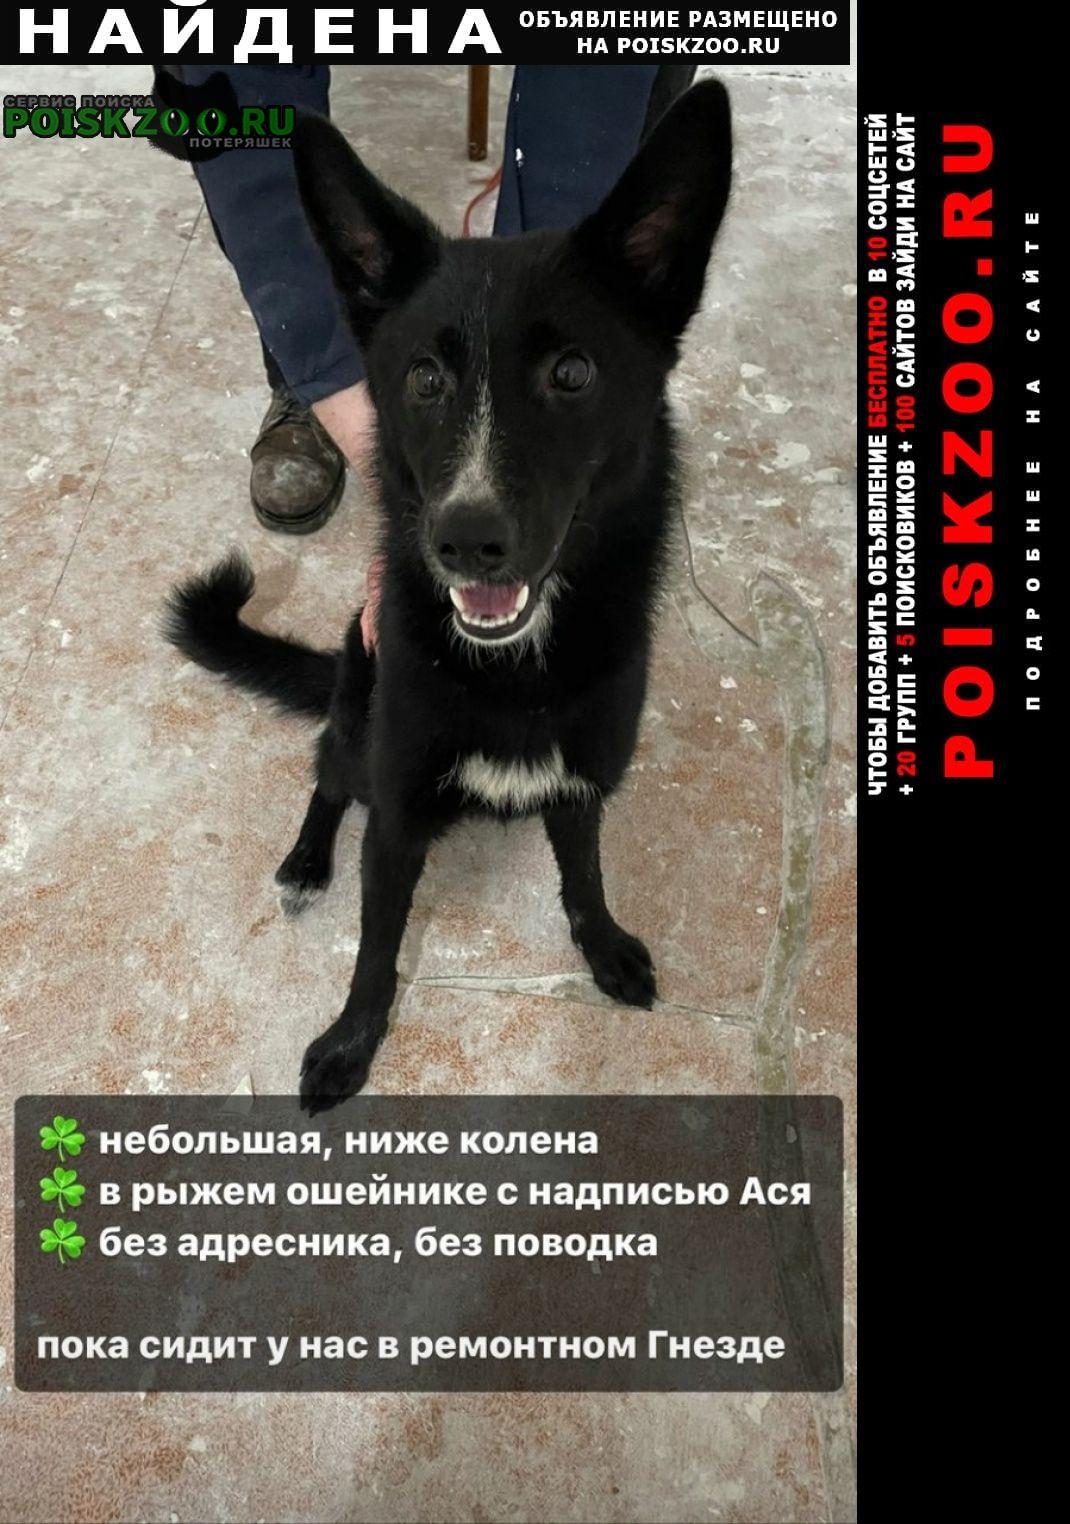 Найдена собака в парке кусково Москва